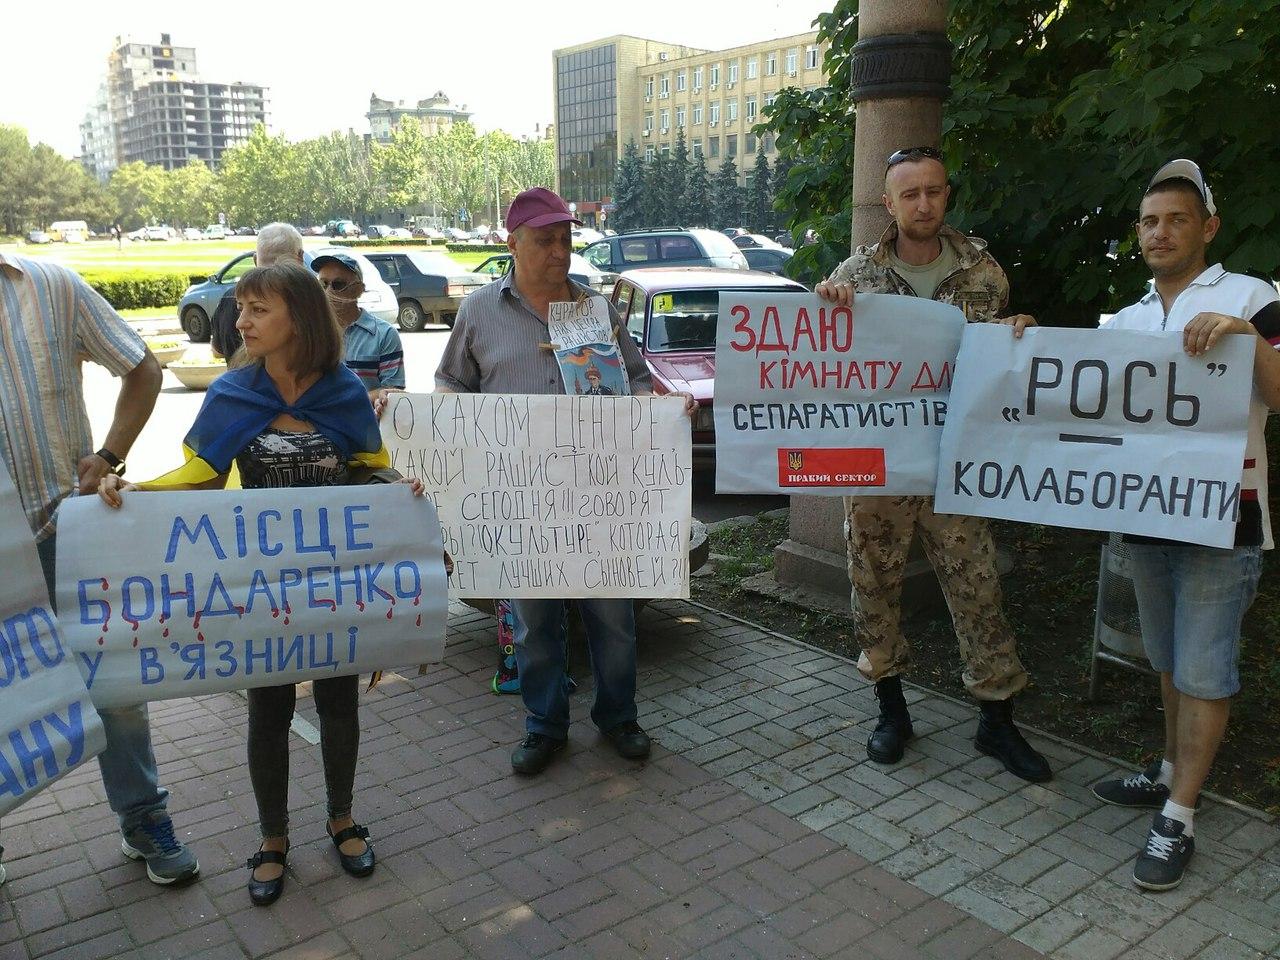 У Миколаєві під міськрадою зібрався пікет проти головної сепаратистки міста - фото 2